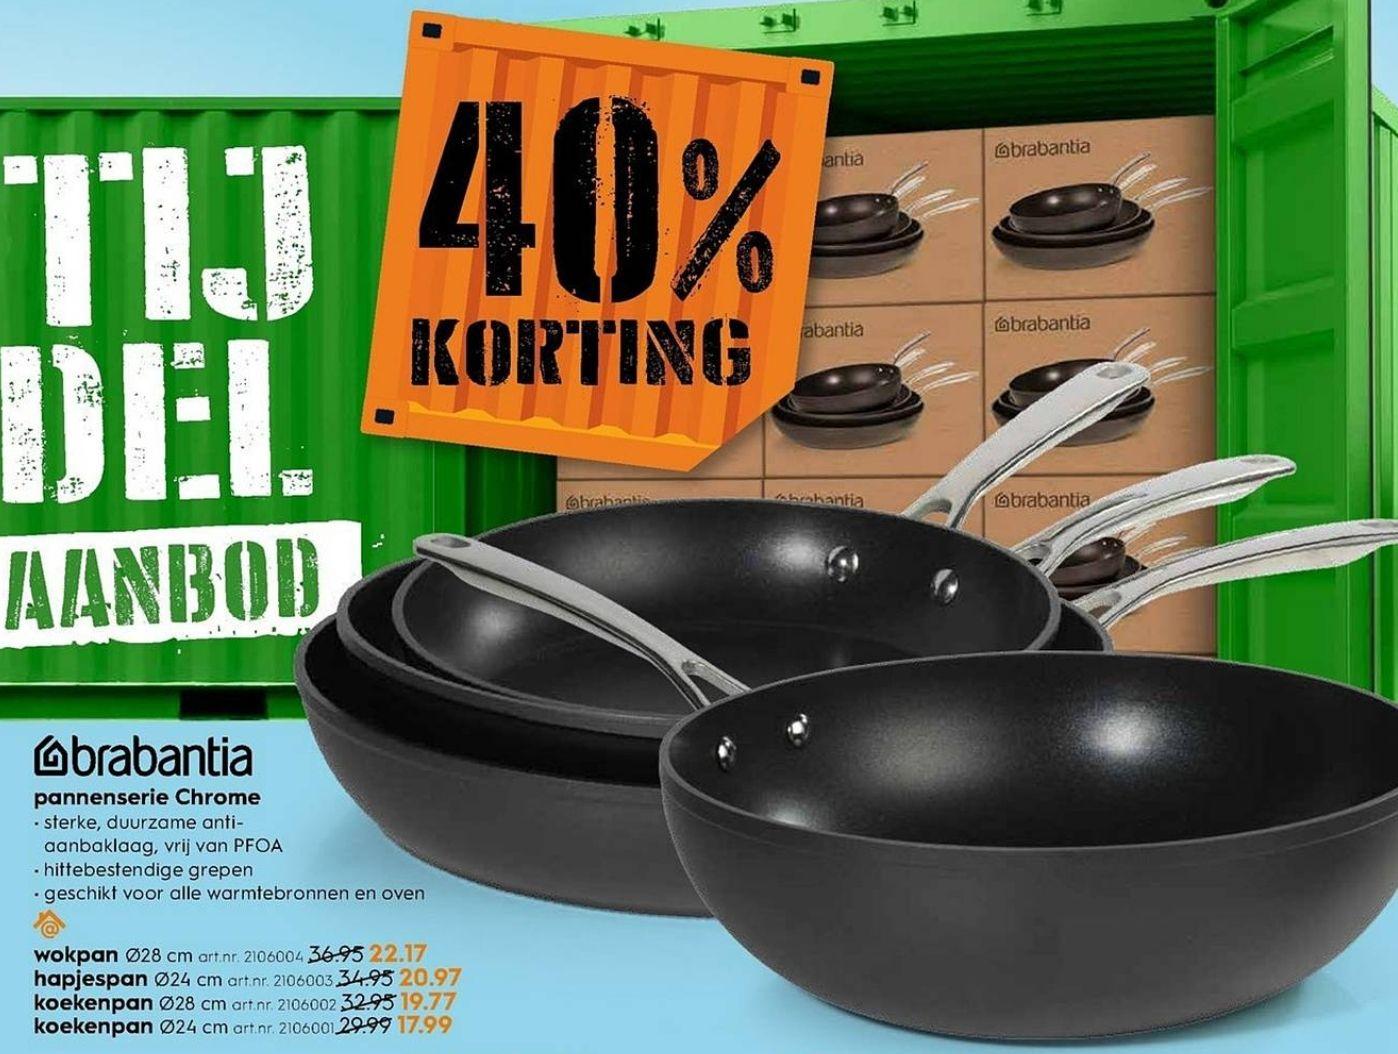 40% korting | Brabantia pannenserie Chrome @Blokker